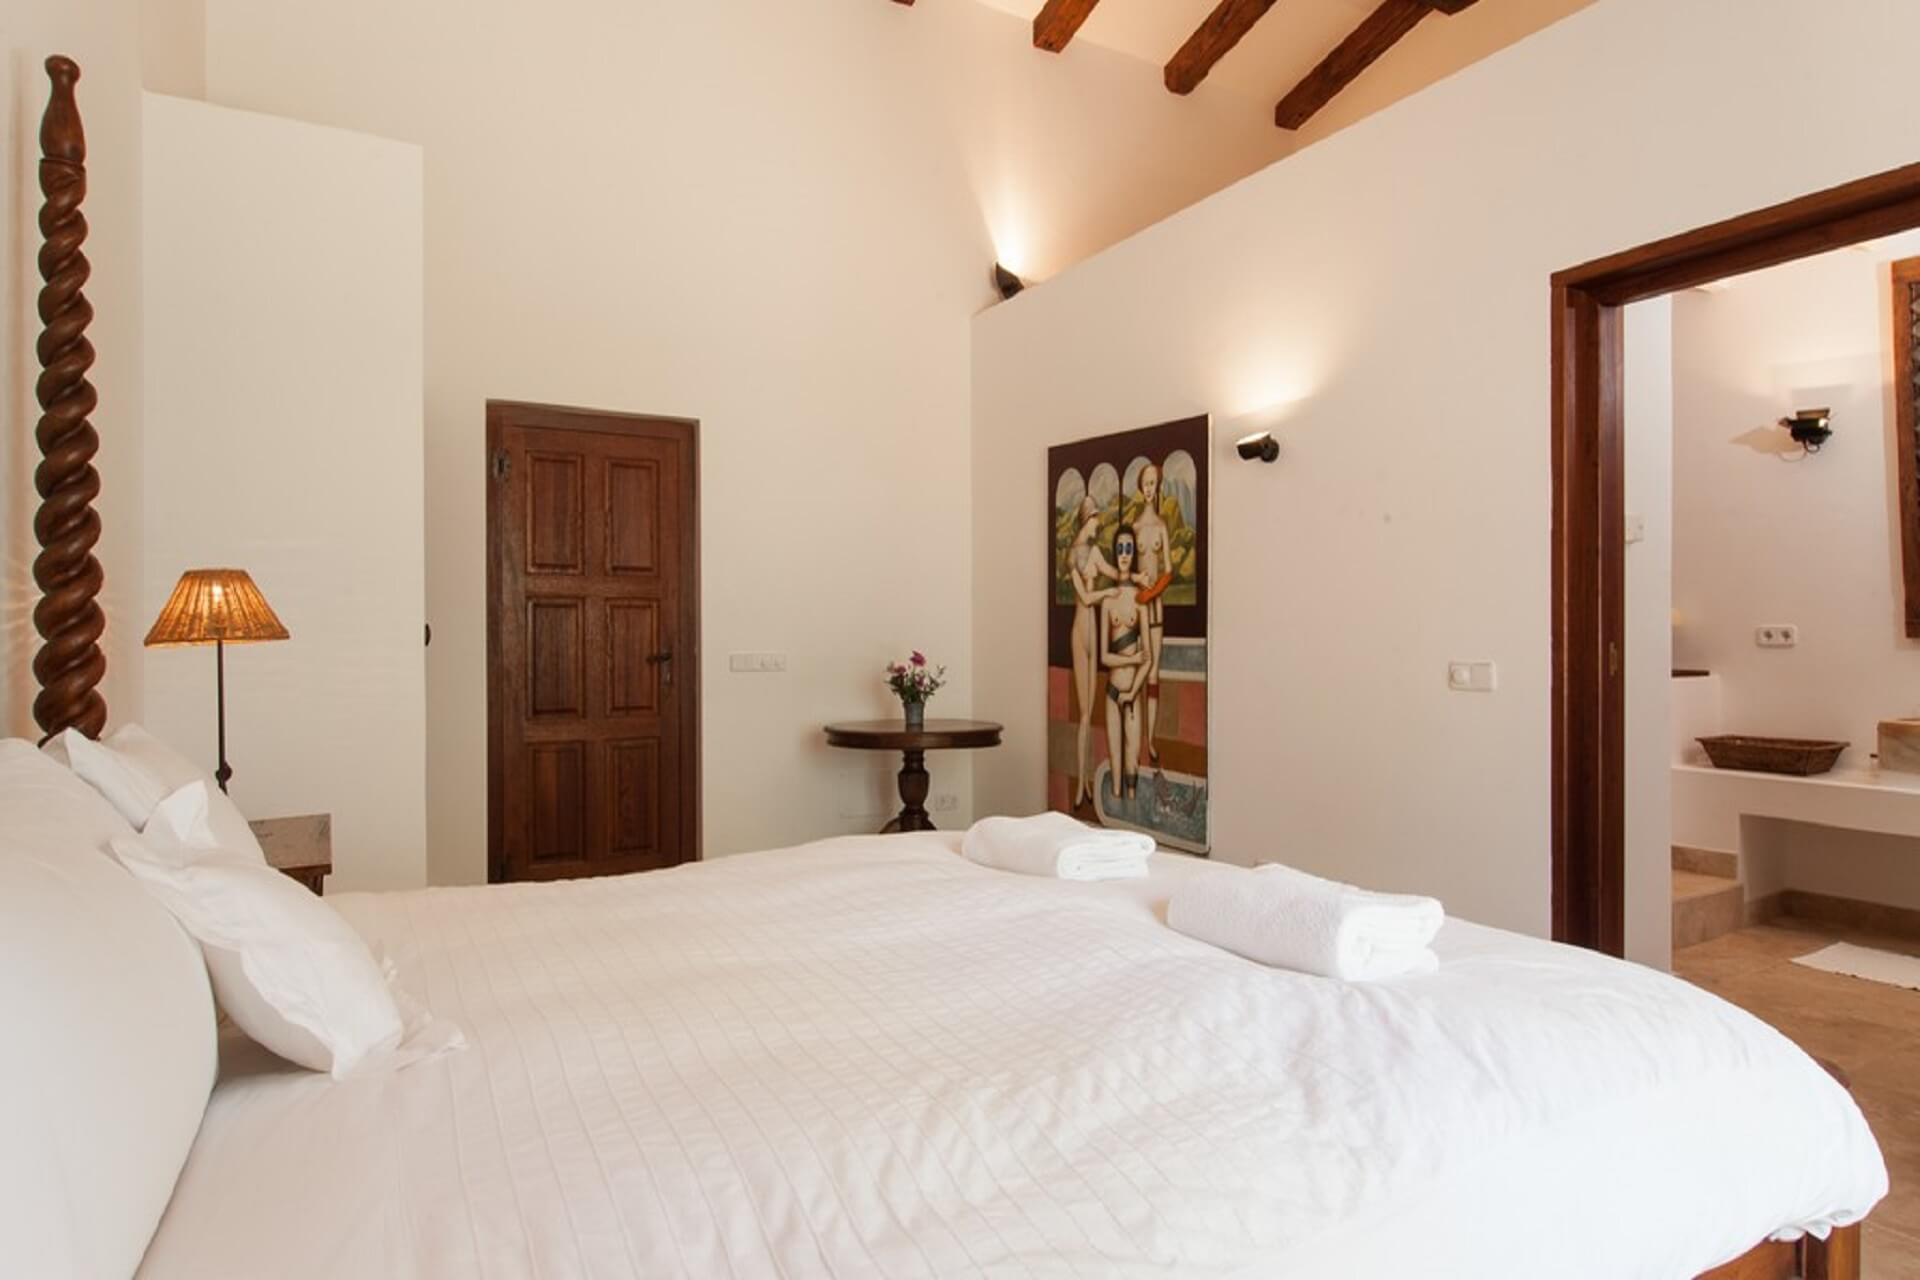 VILLA CASA TUCAN - Suite